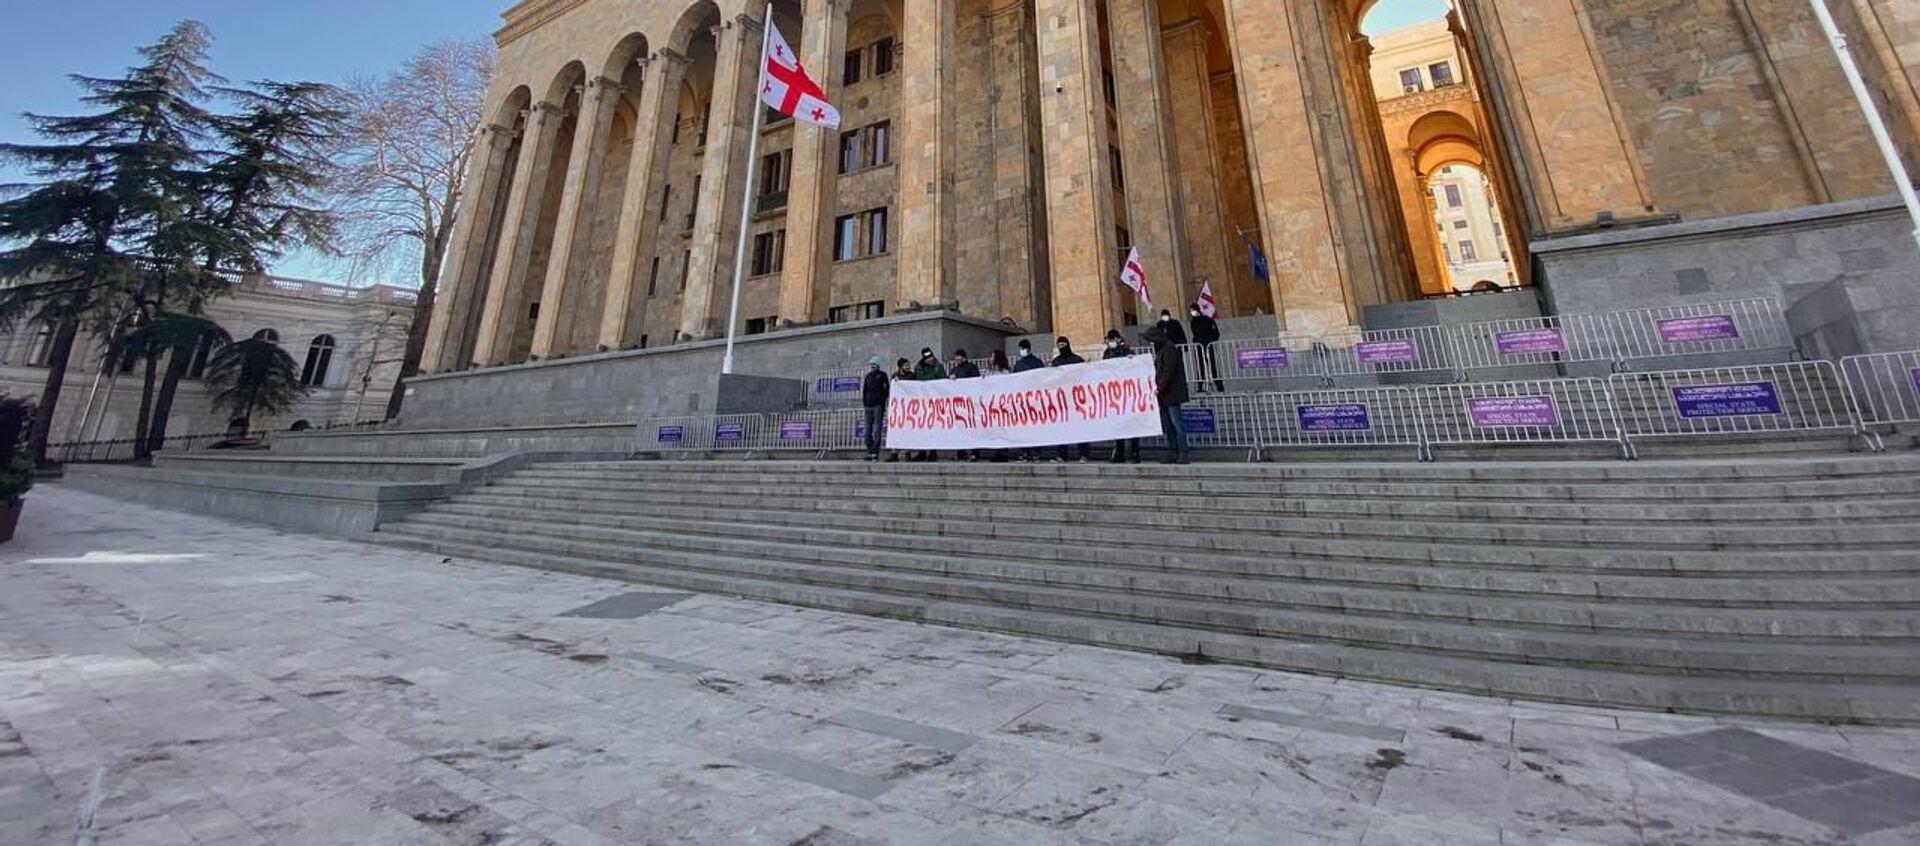 Акция протеста гражданских активистов у здания парламента Грузии - Sputnik Грузия, 1920, 13.05.2021